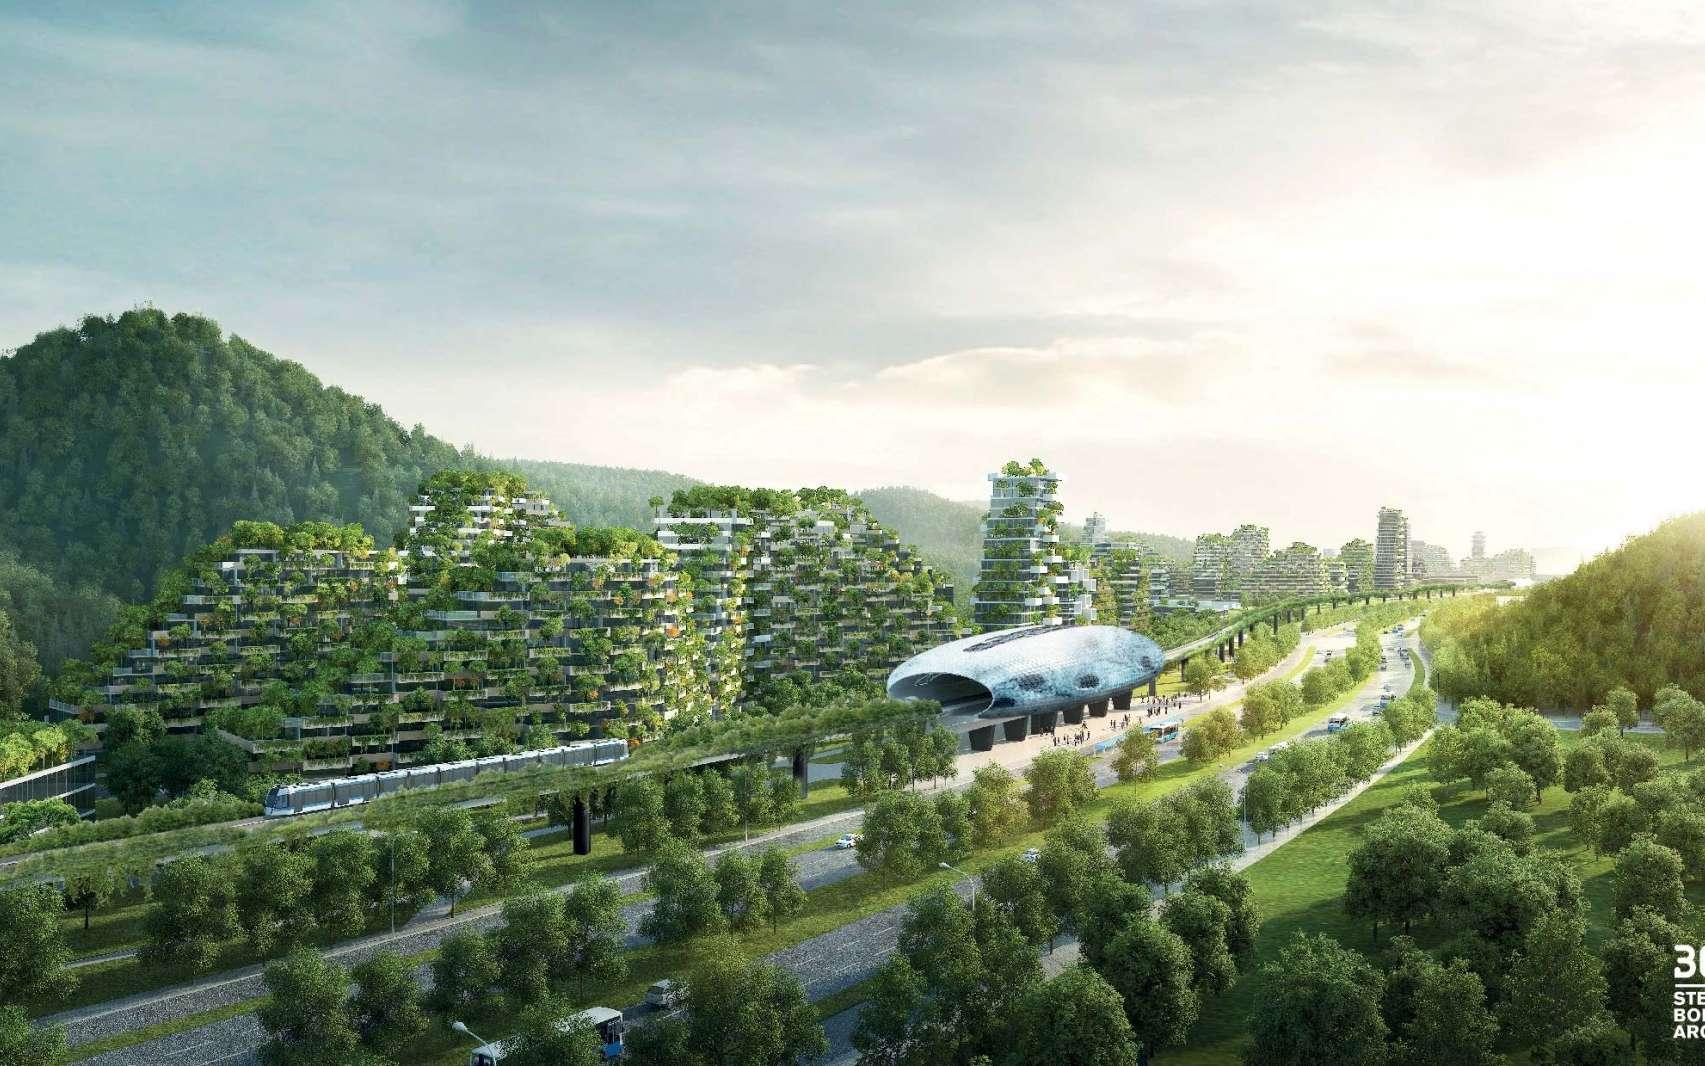 Vue d'ensemble de la ville-forêt de Liuzhou, dont le chantier vient de commencer au sud de la Chine. © Stefano Boeri Architetti